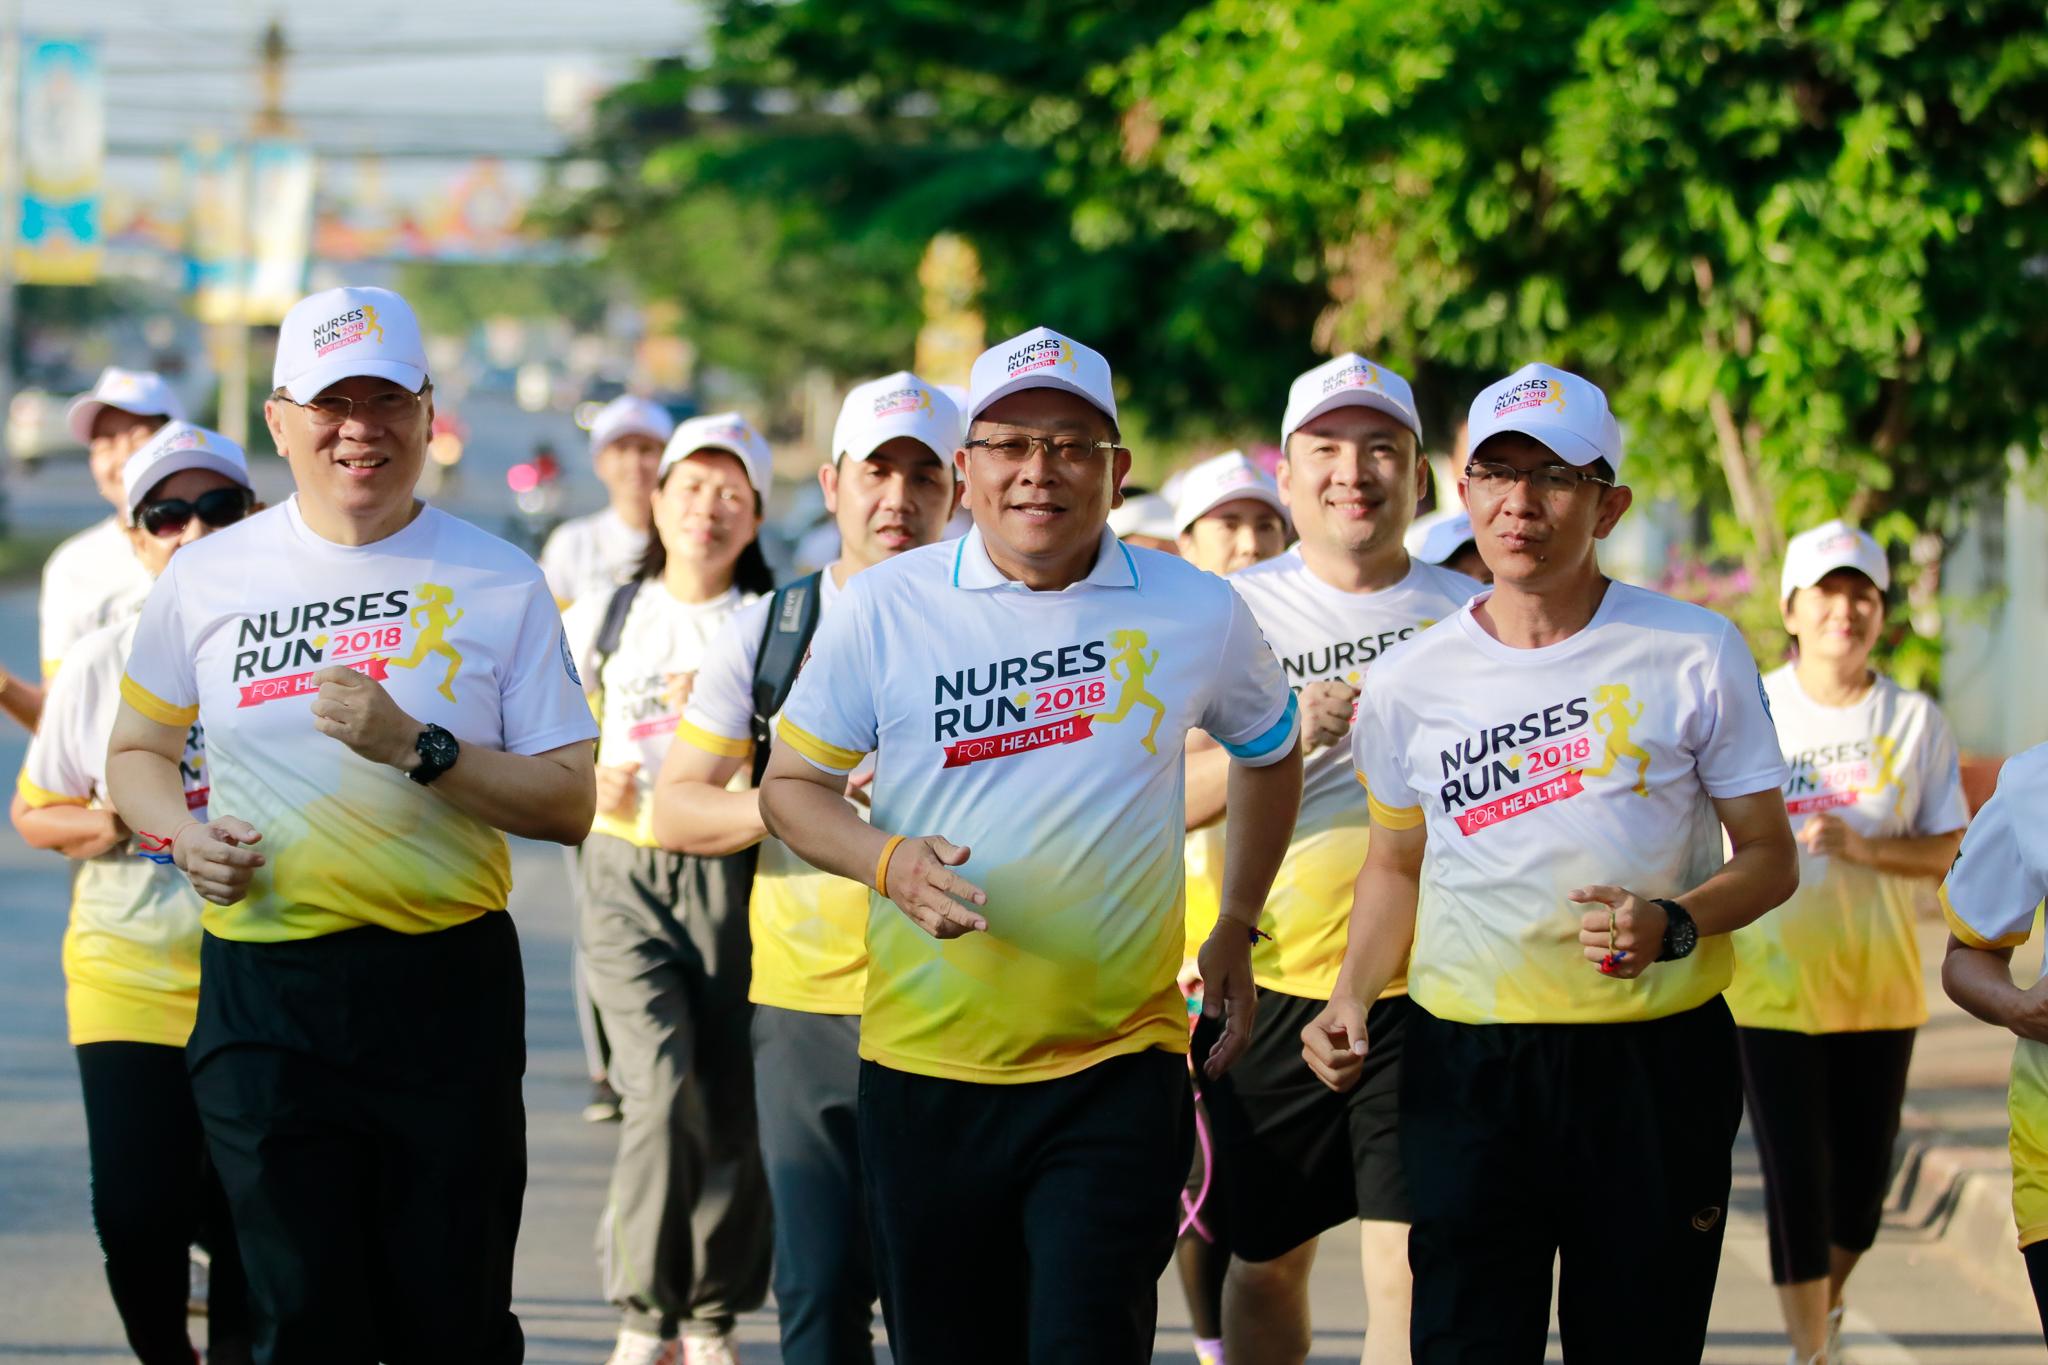 เขตสุขภาพที่ 7 ร่วมกับจังหวัดมหาสารคาม จัดงานพยาบาลชวนวิ่ง น้อมรำลึกสมเด็จย่า ต้นแบบรักสุขภาพของปวงชนชาวไทย